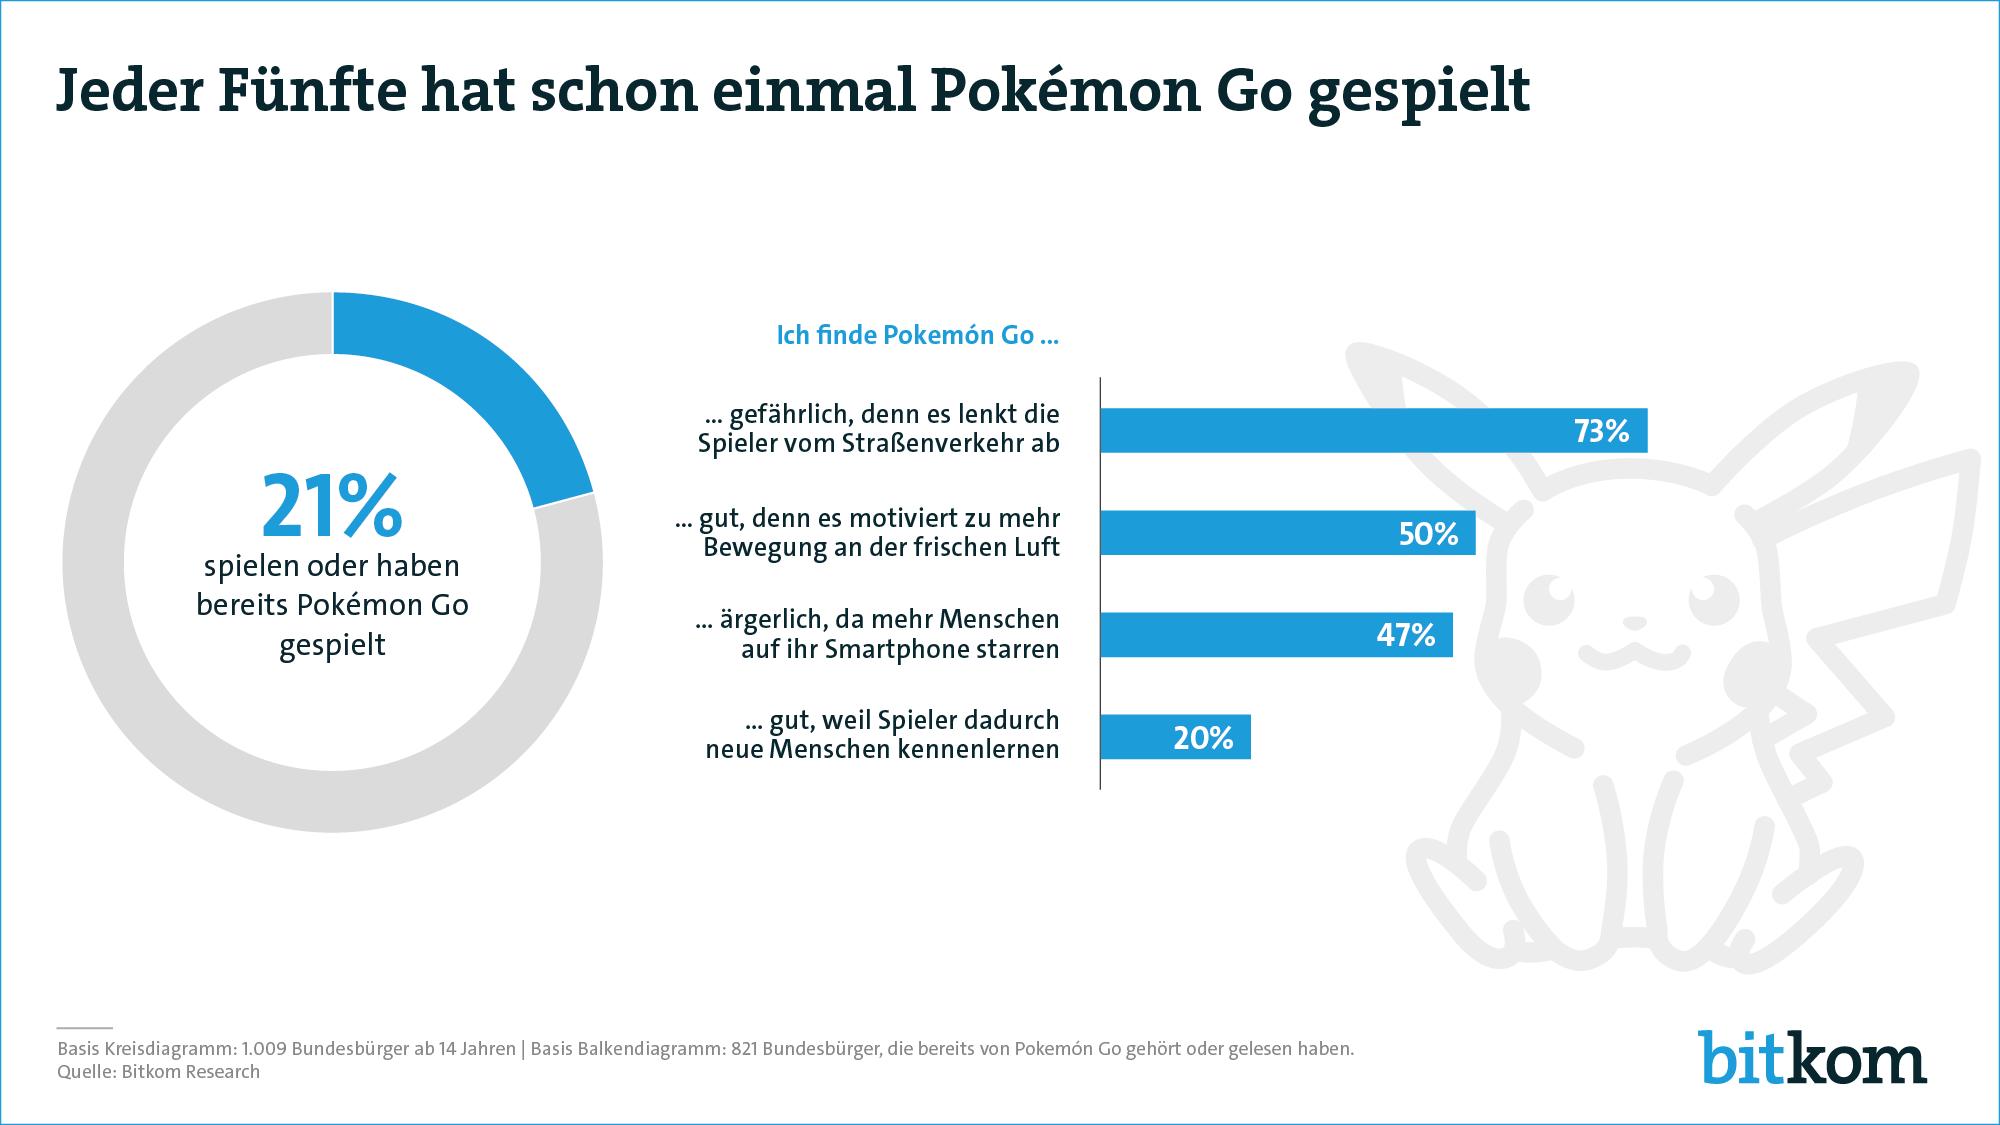 Jeder fünfte hat schon einmal Pokemon Go gespielt